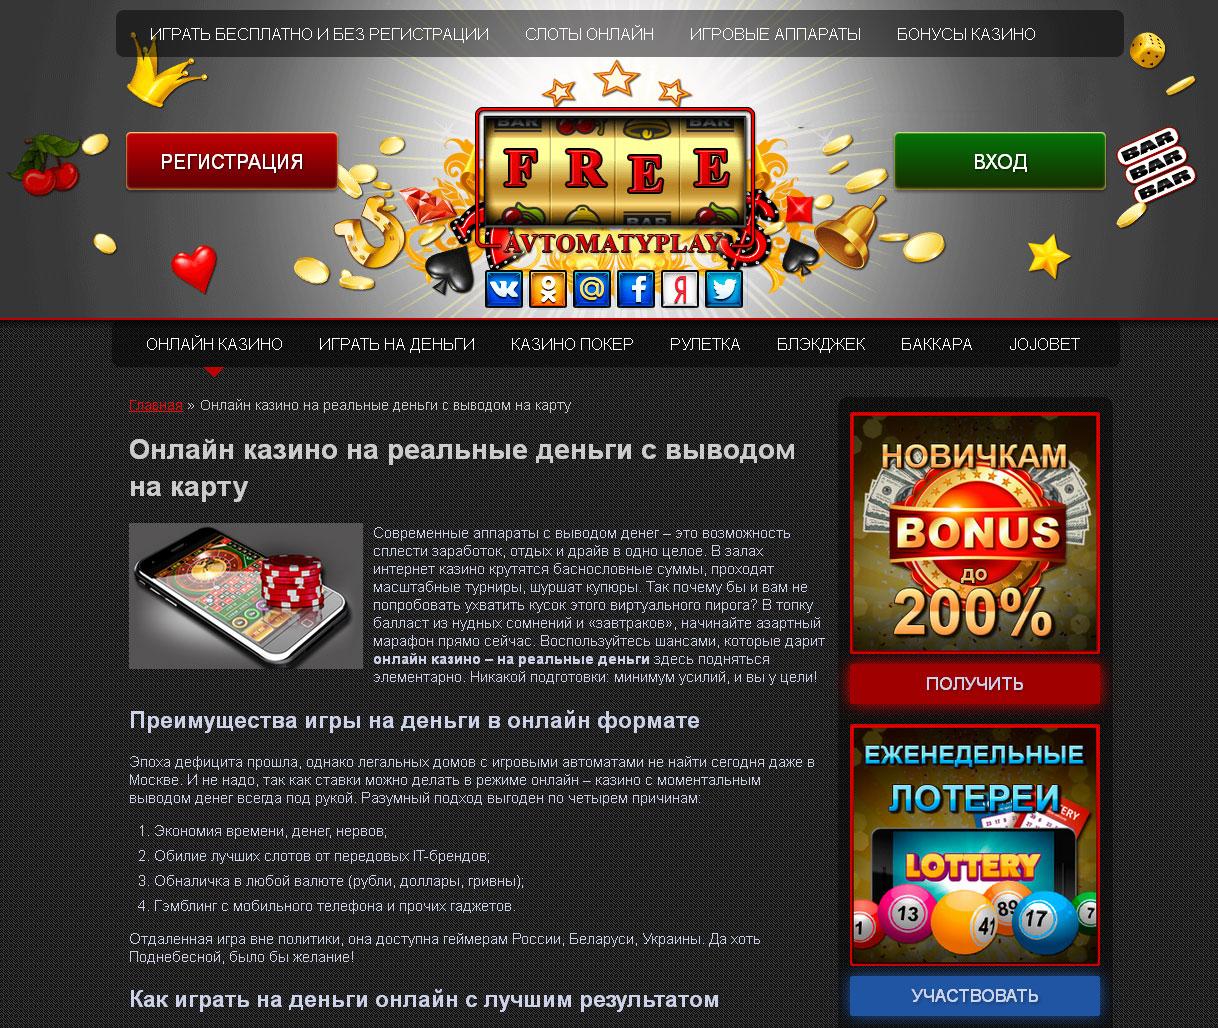 игры на деньги онлайн с выводом на карту